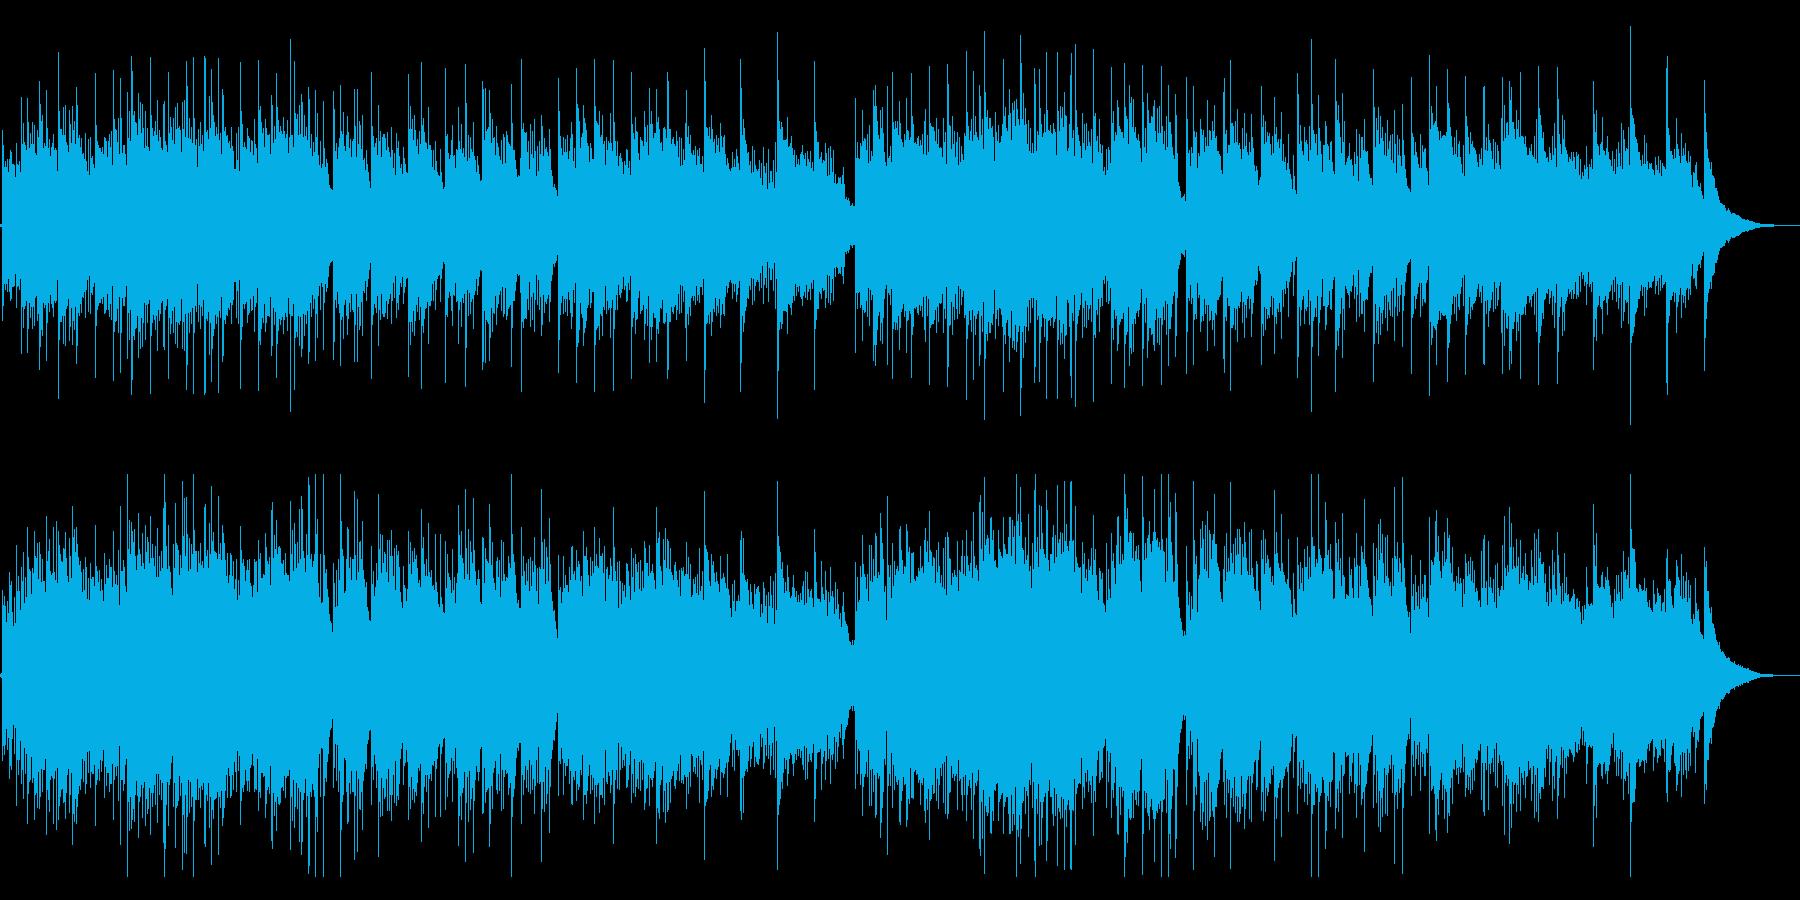 アンビエントな癒しのヒーリングギターの再生済みの波形